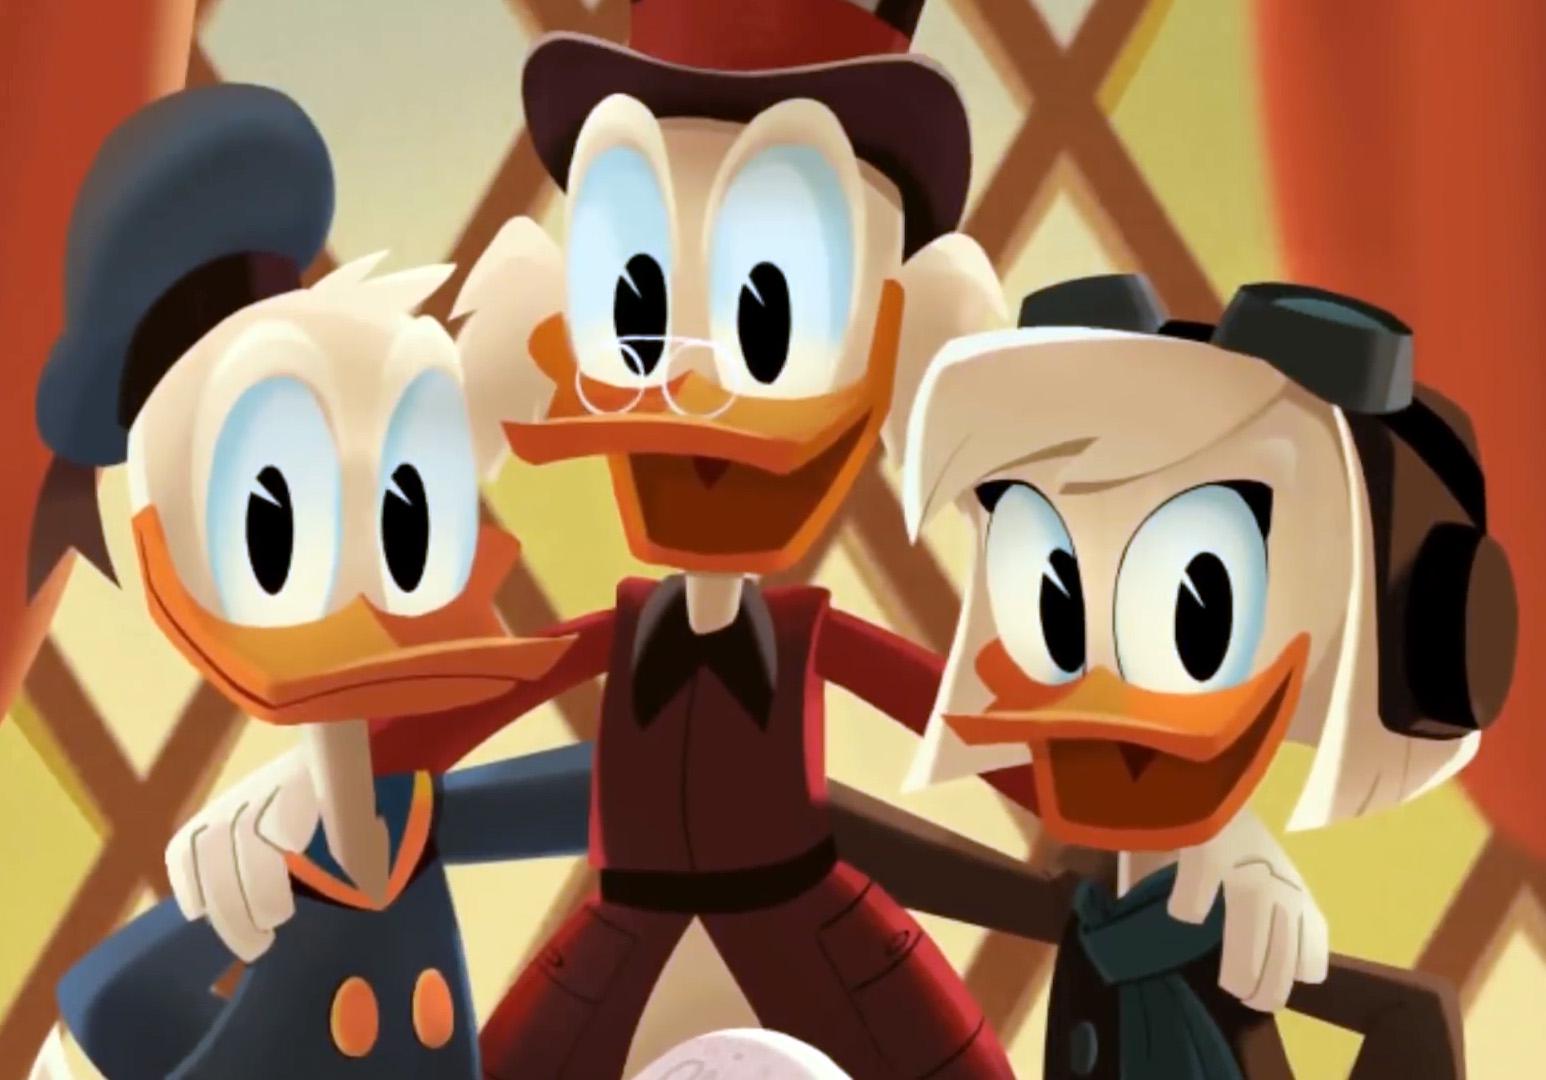 DuckTales desvenda um dos maiores mistérios da Disney: que fim levou a mãe de Huguinho, Zezinho e Luisinho